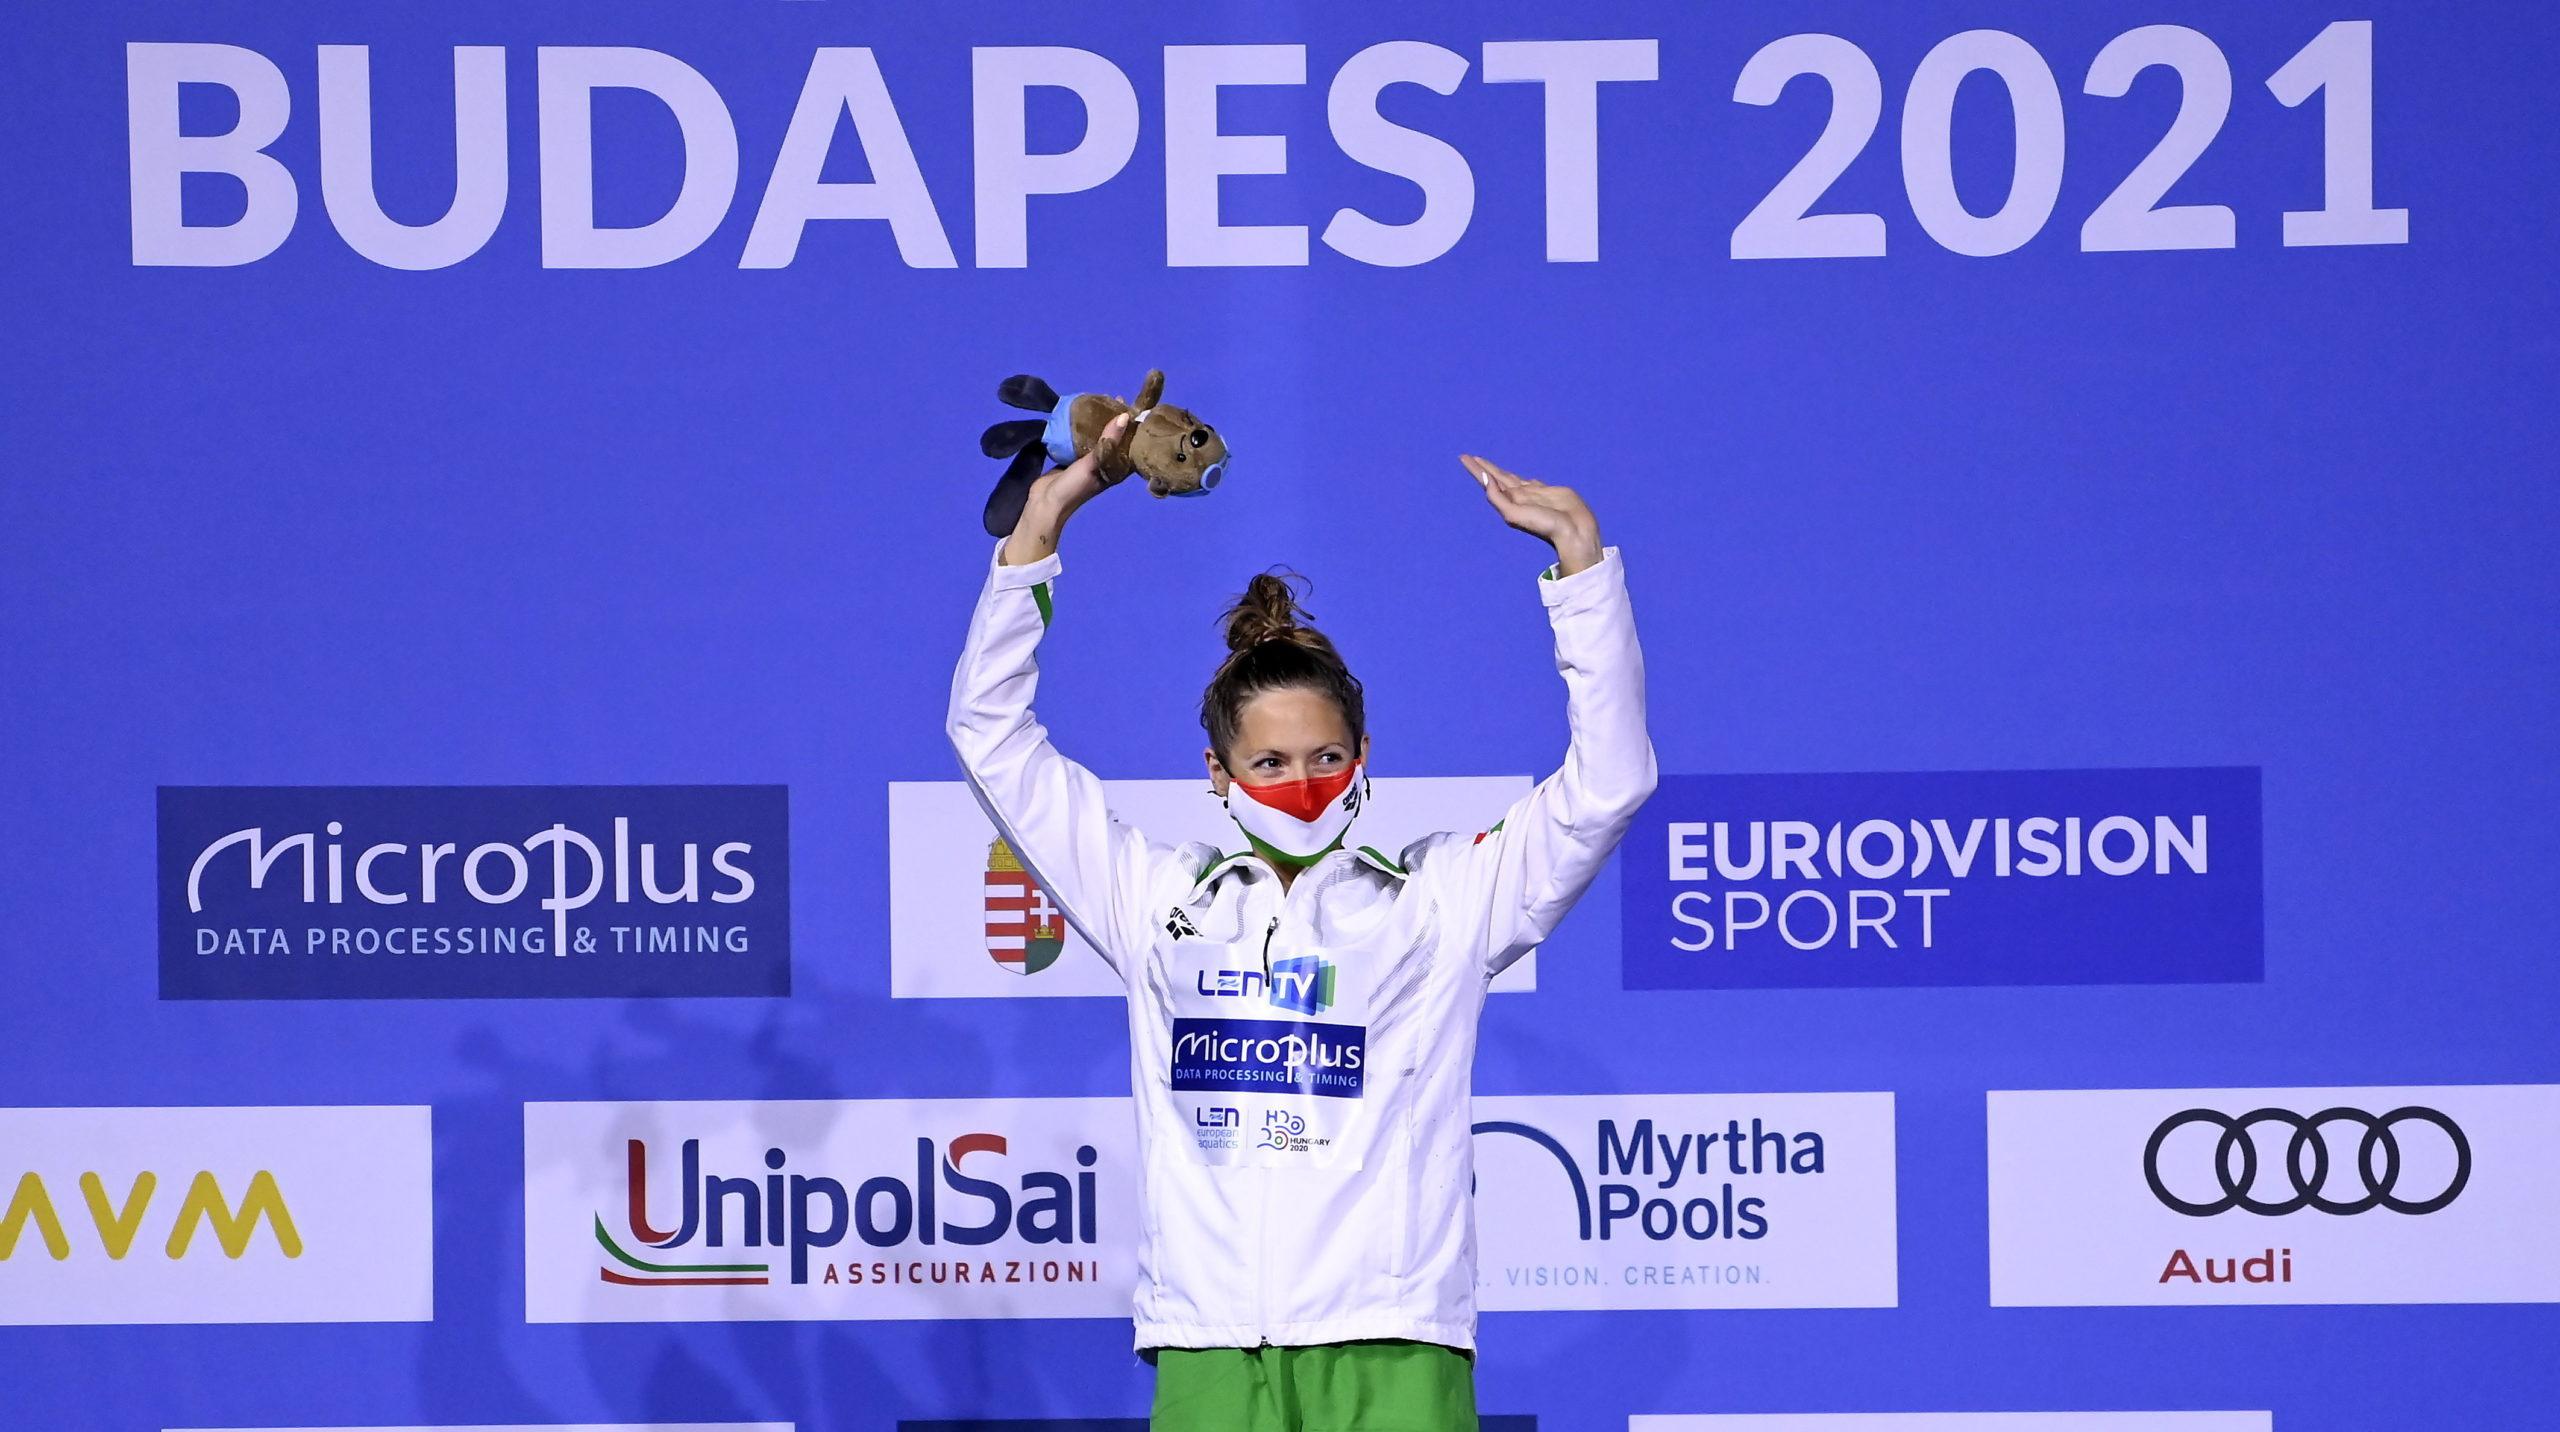 A gyõztes Kapás Boglárka a nõi 200 méteres pillangóúszás eredményhirdetésén a budapesti vizes Európa-bajnokságon a Duna Arénában 2021. május 20-án.